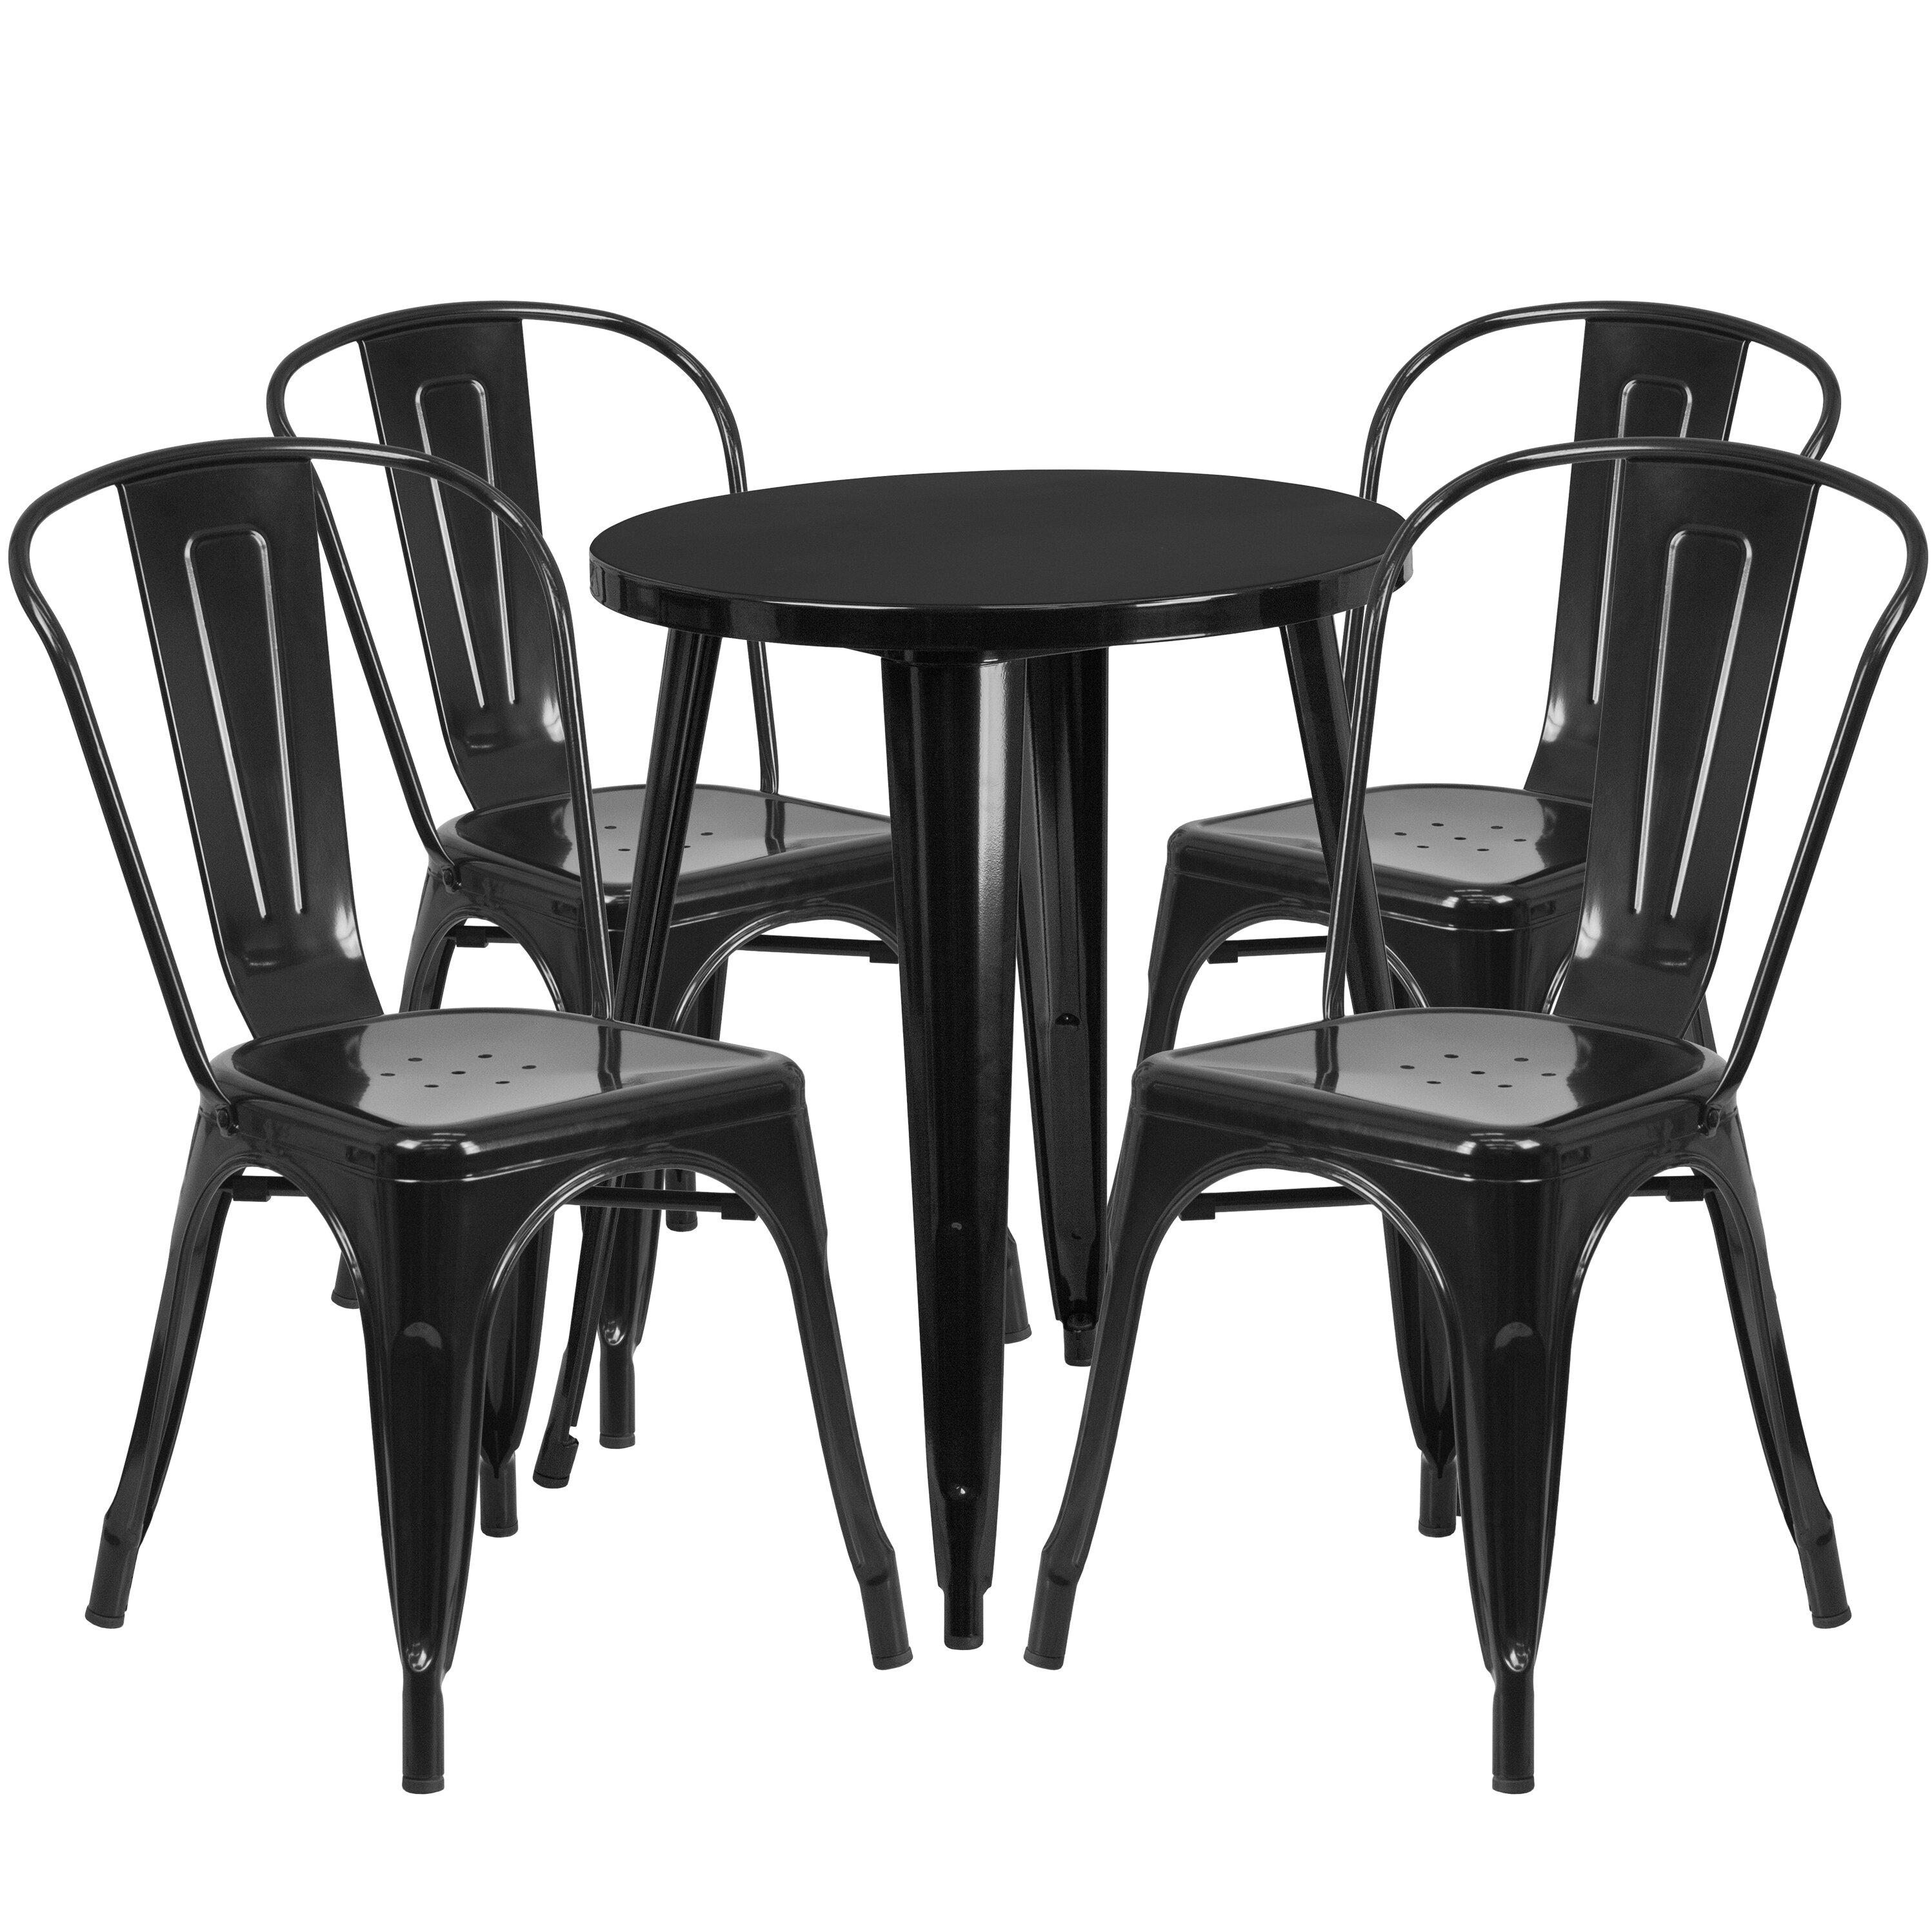 Flash Furniture Metal Indoor Outdoor 5 Piece Dining Set